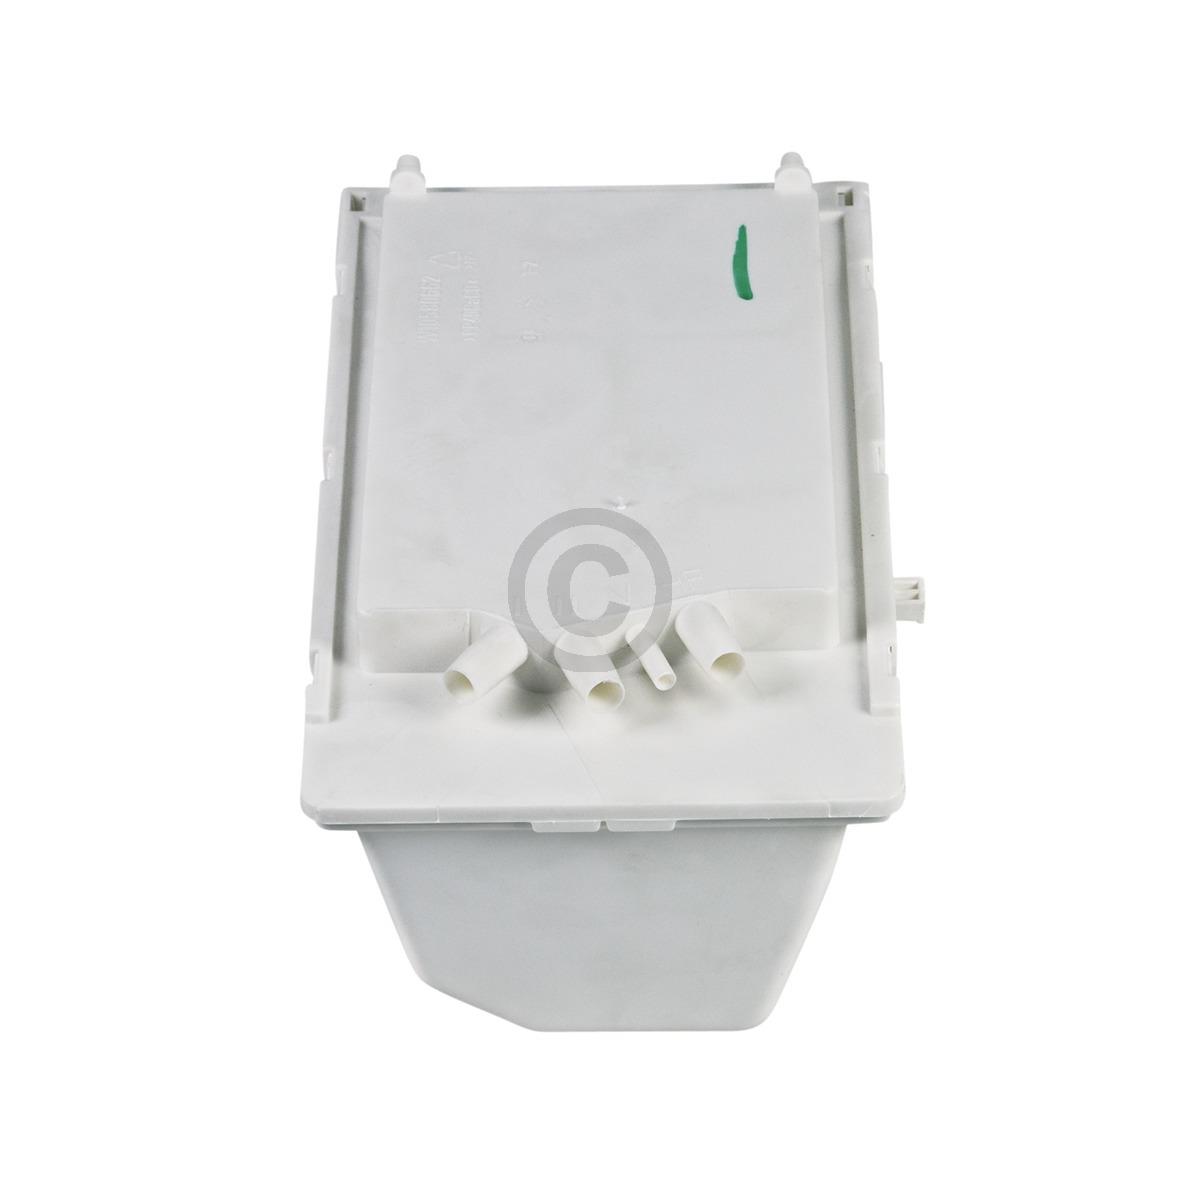 Waschmittelkasten Whirlpool 481010580618 für Waschmaschine Bauknecht, Whirlpool,